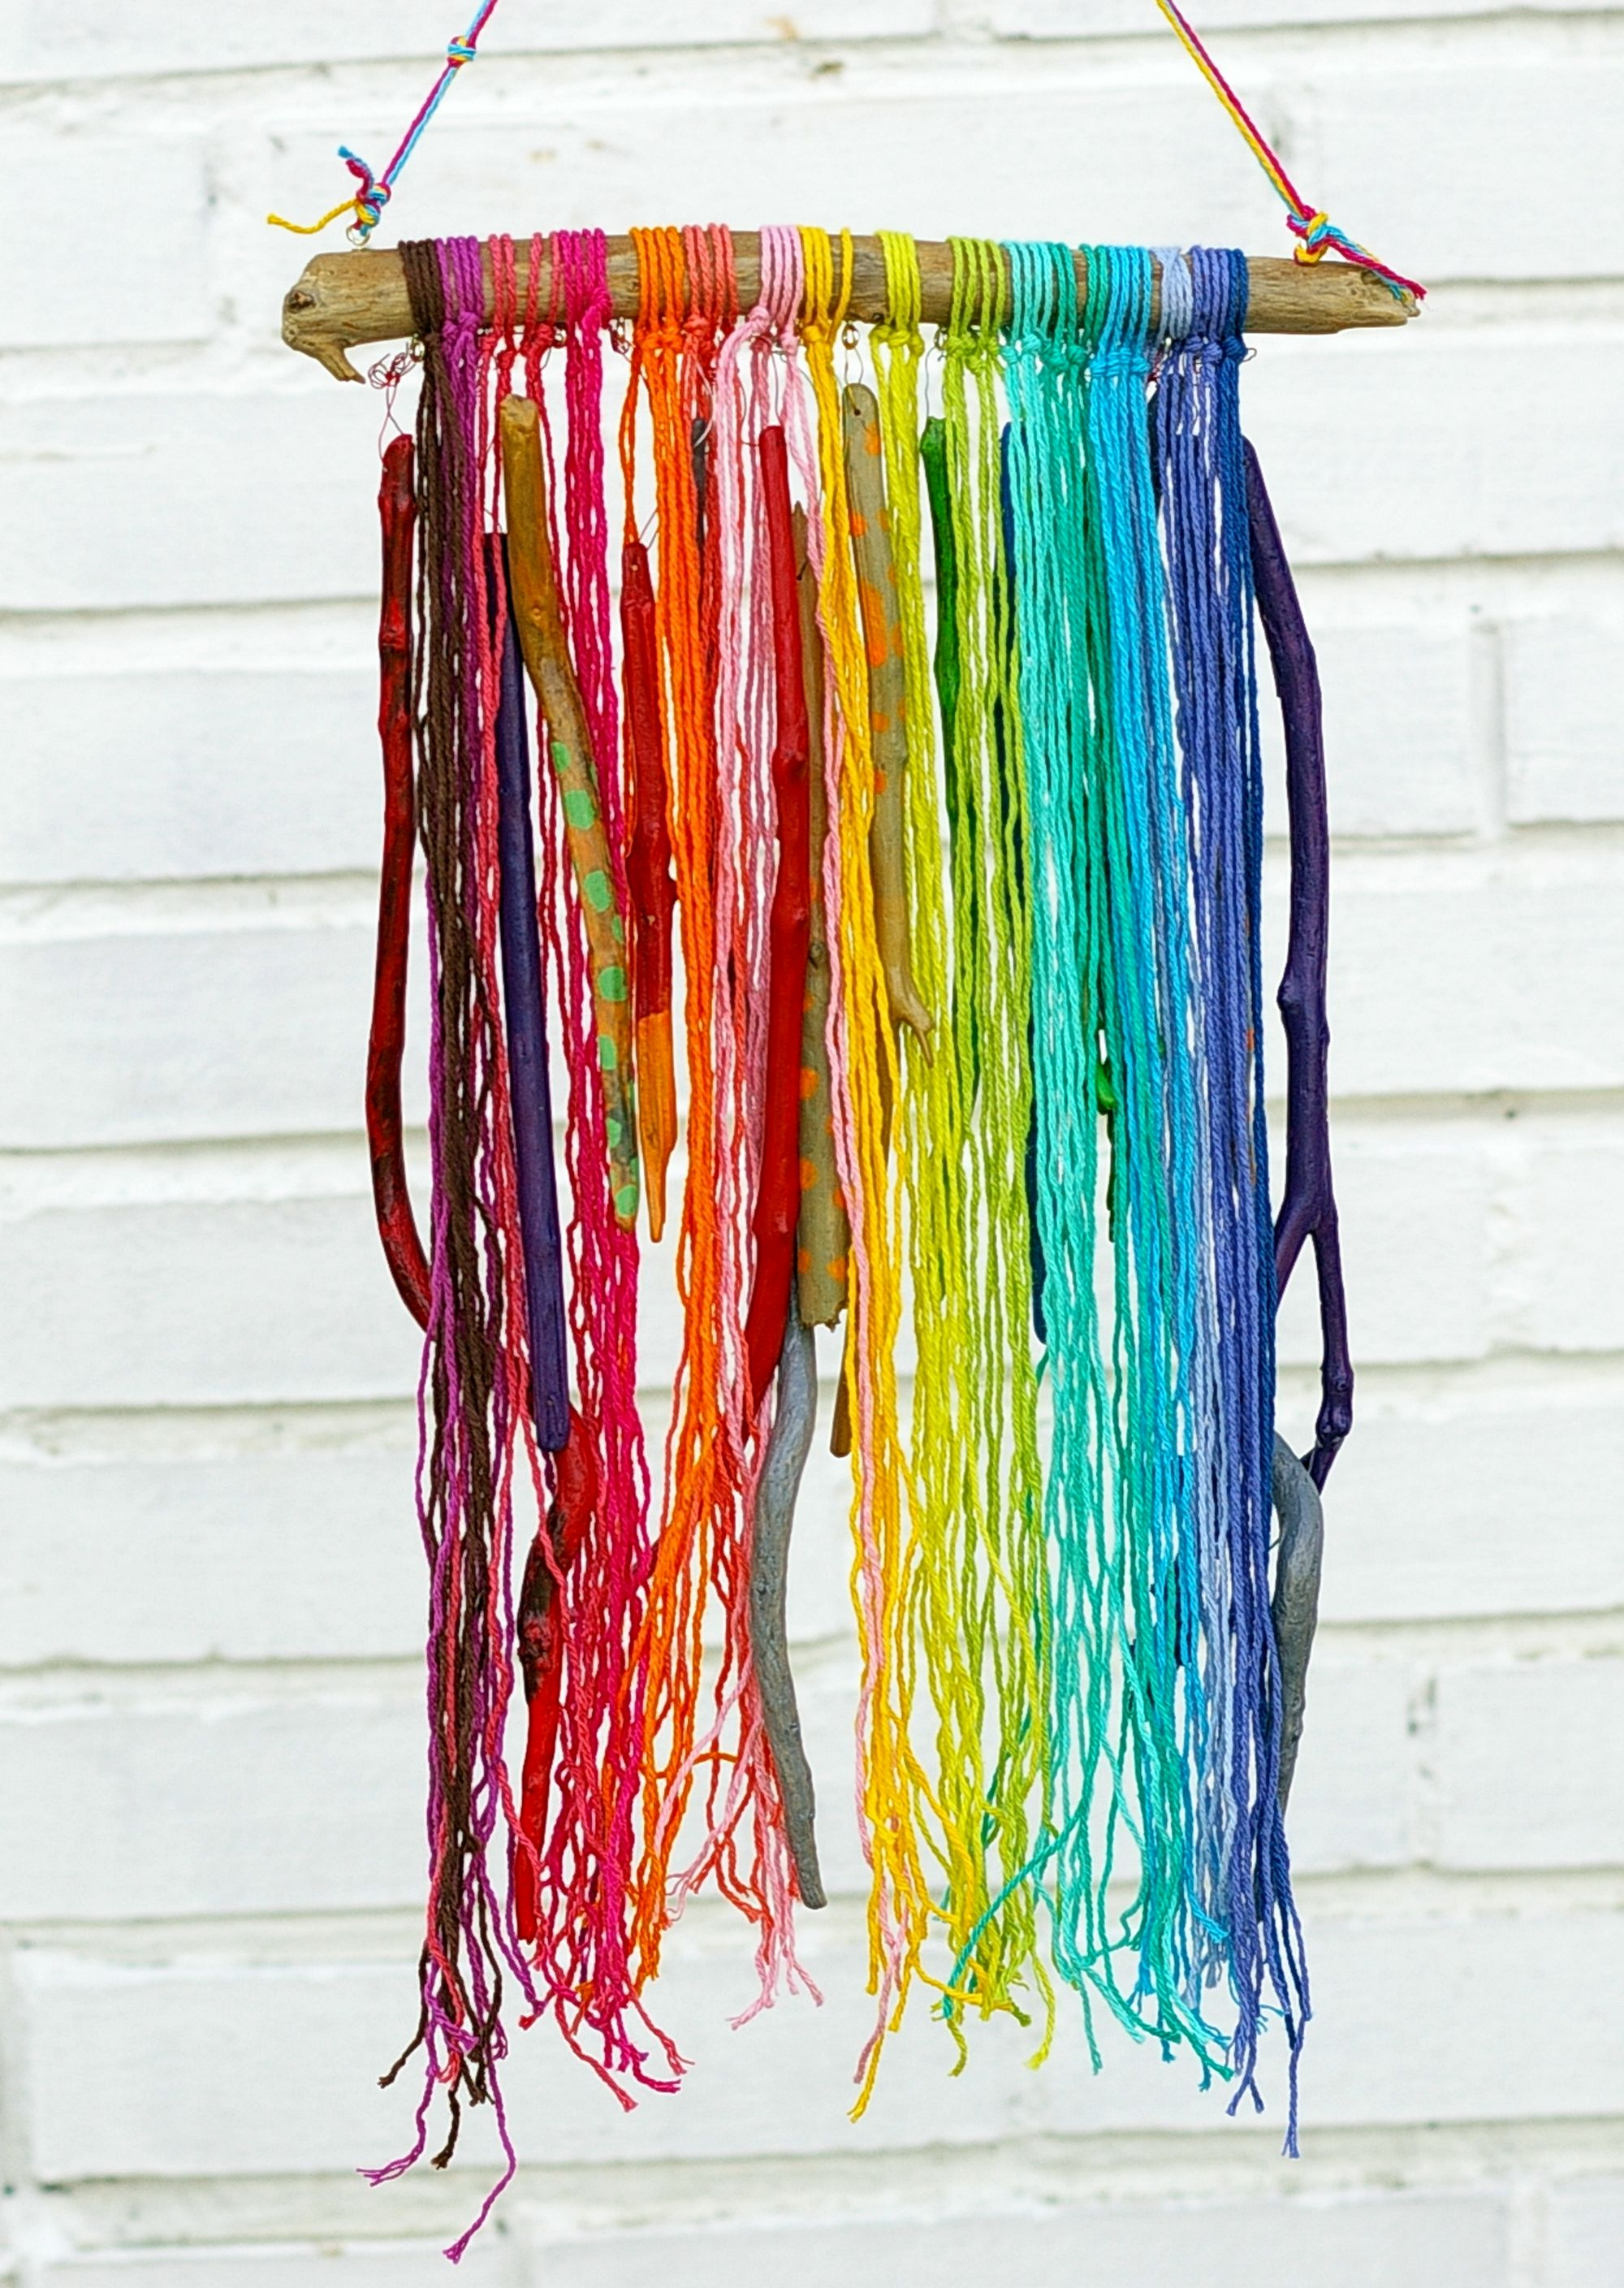 Windspiel mit bunter Wolle und Holz in Regenbogenfarben